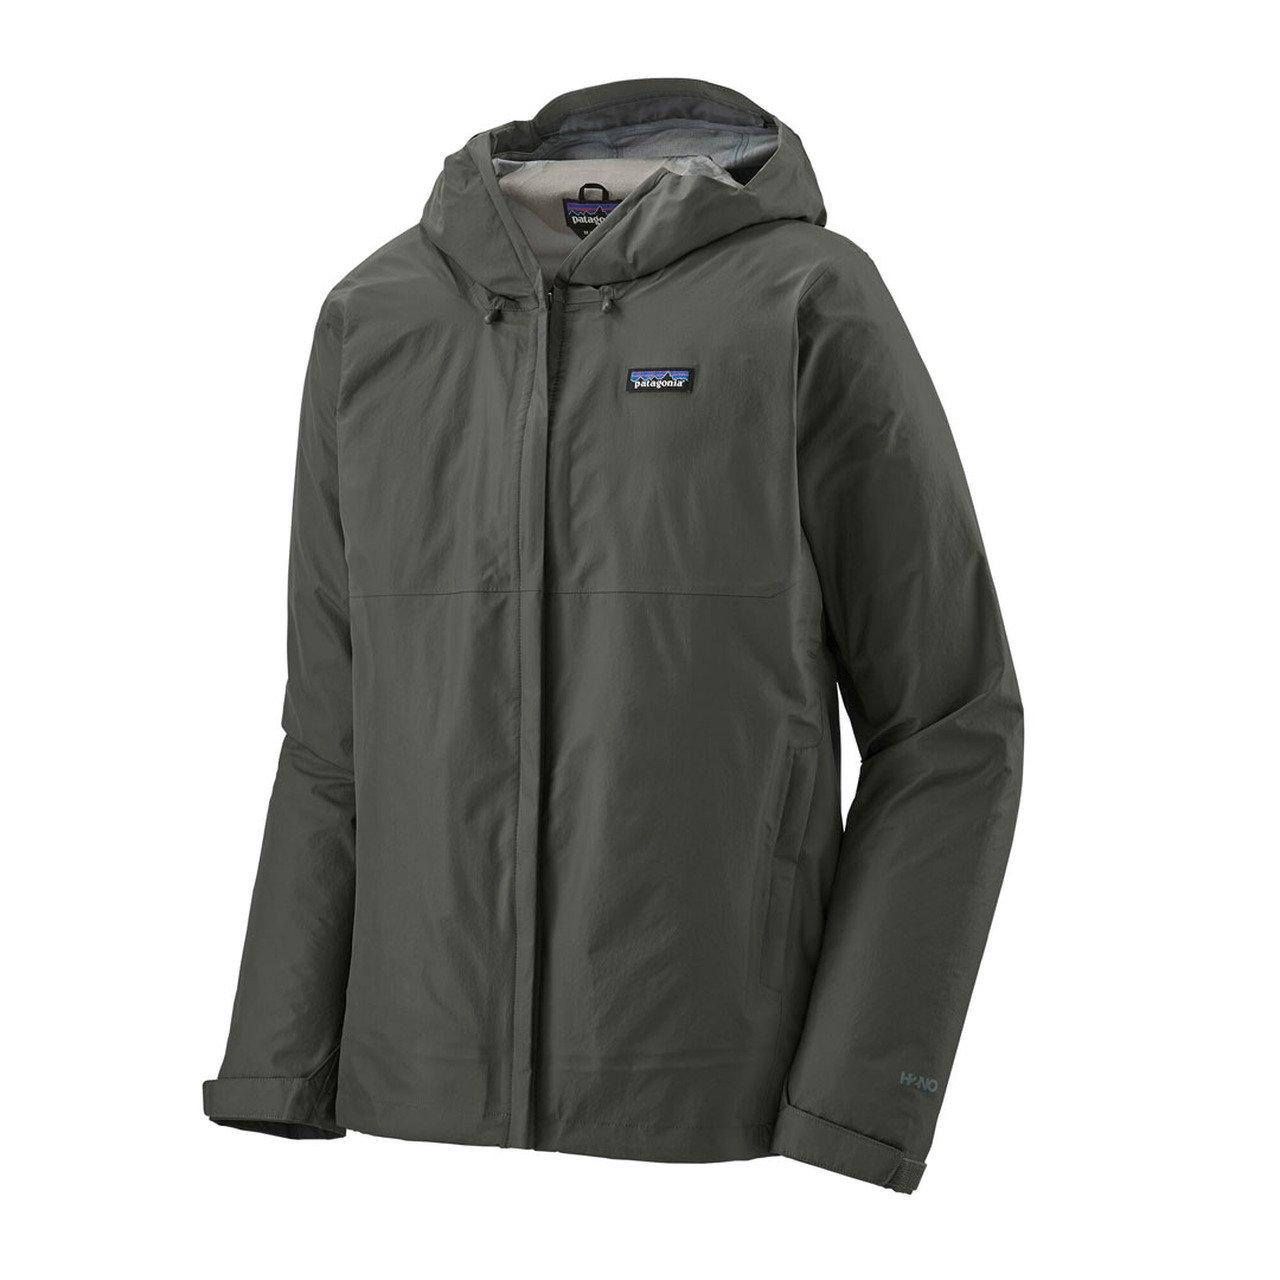 Men's Torrentshell Jacket in Black